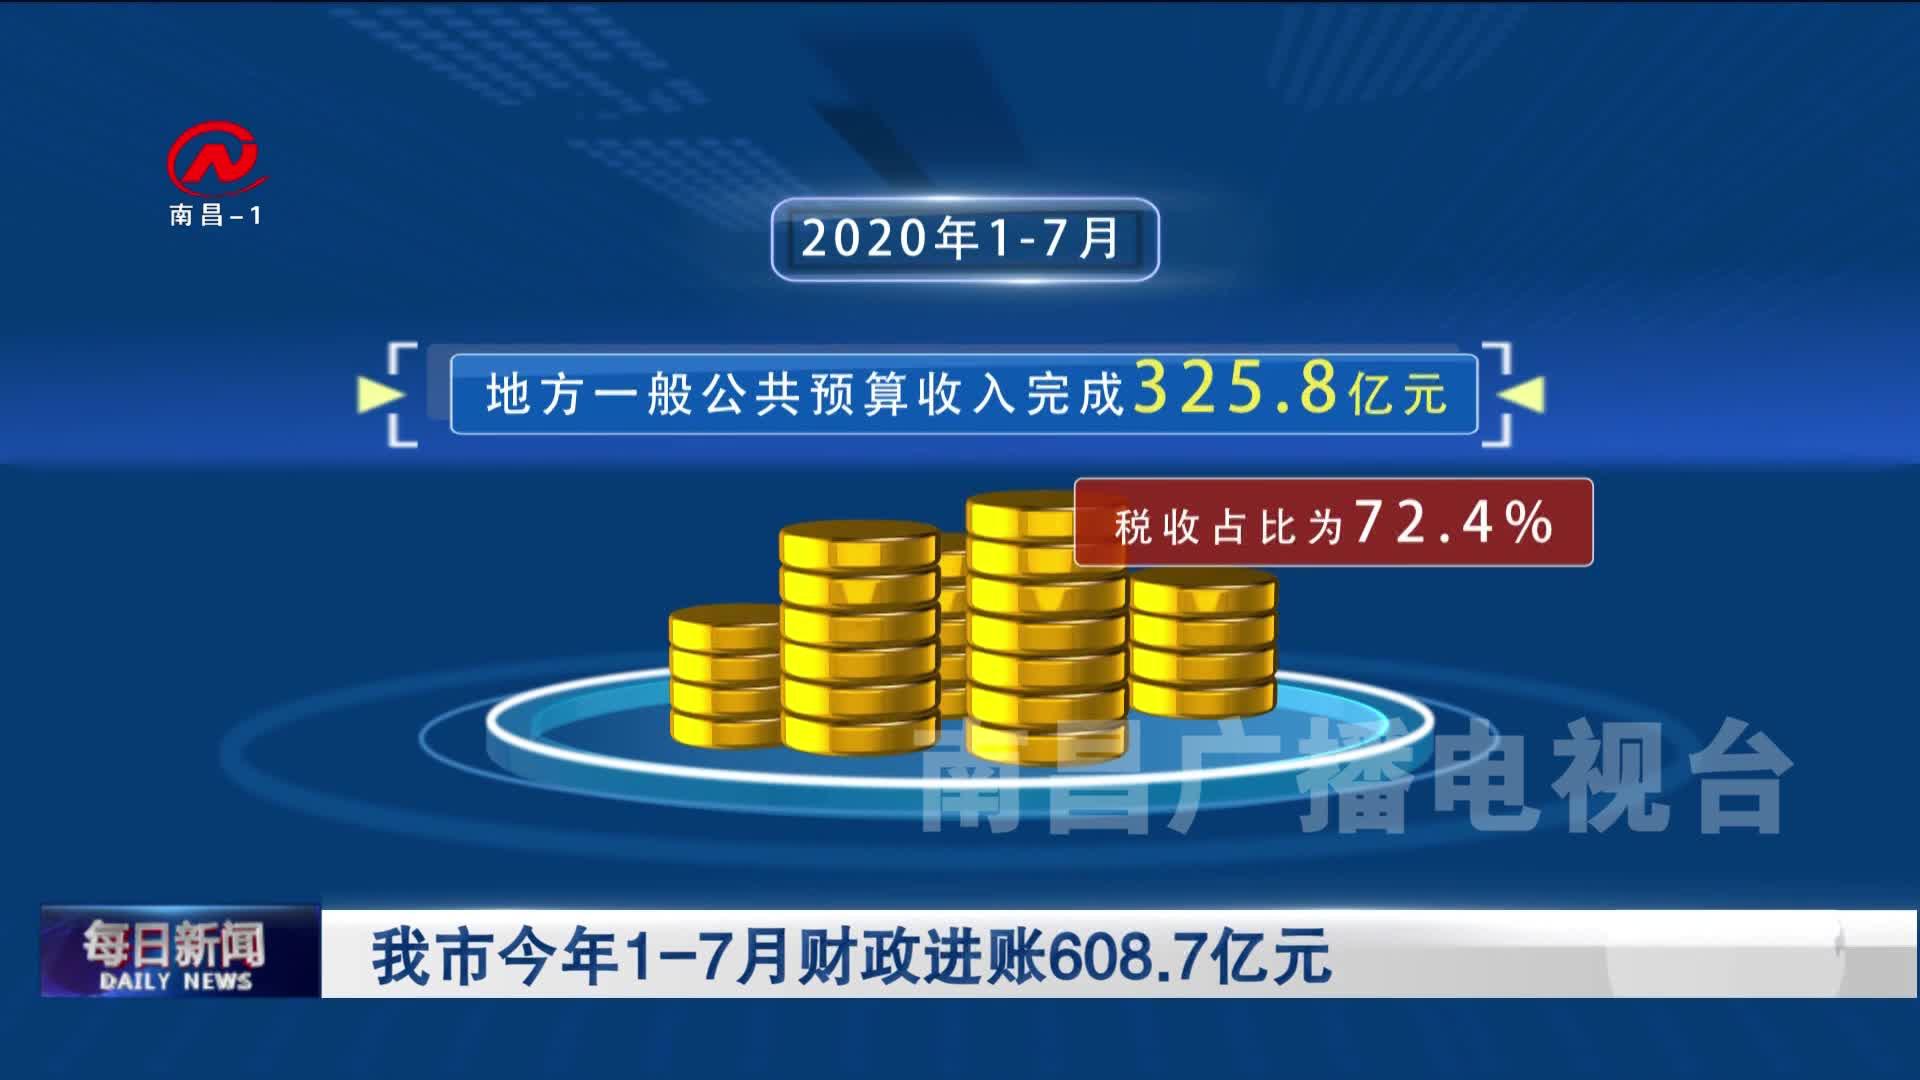 我市今年1-7月財政進賬608.7億元